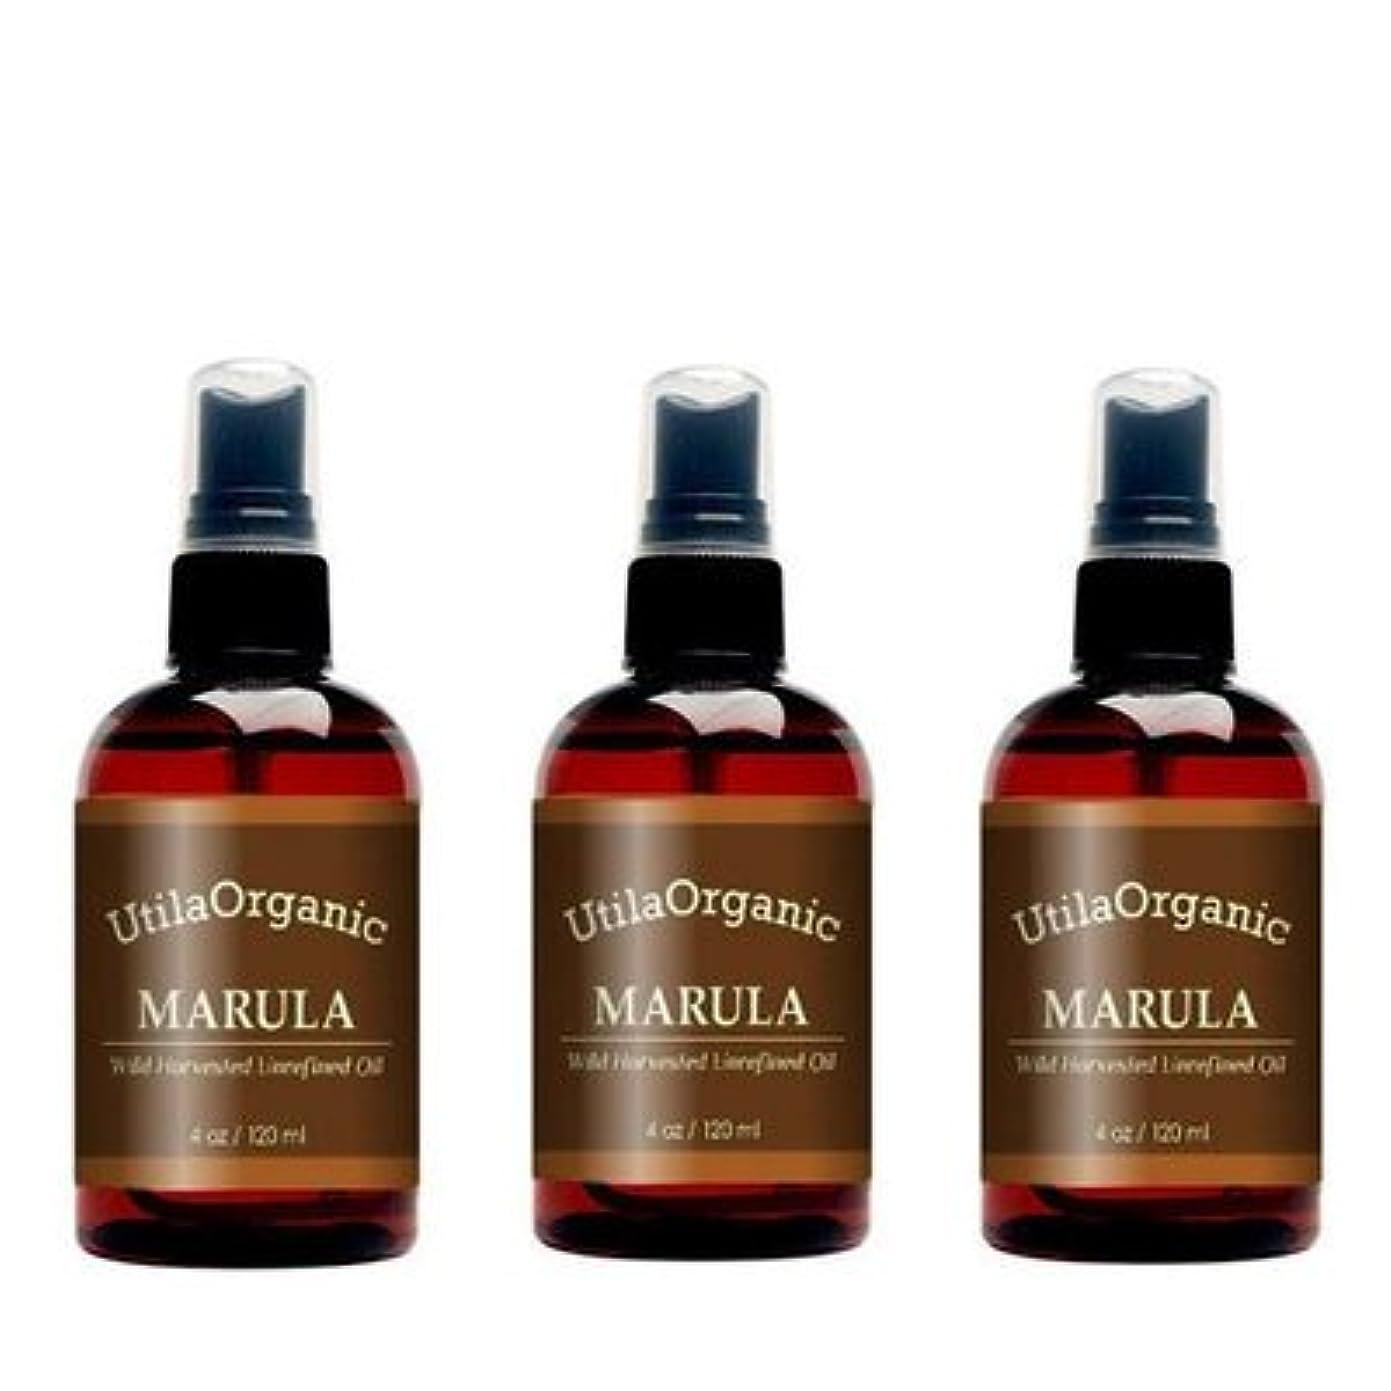 鉛八百屋田舎者お得な3本セット 未精製 マルラオイル 120ml Marula Oil 100% pure and natural 【並行輸入品】